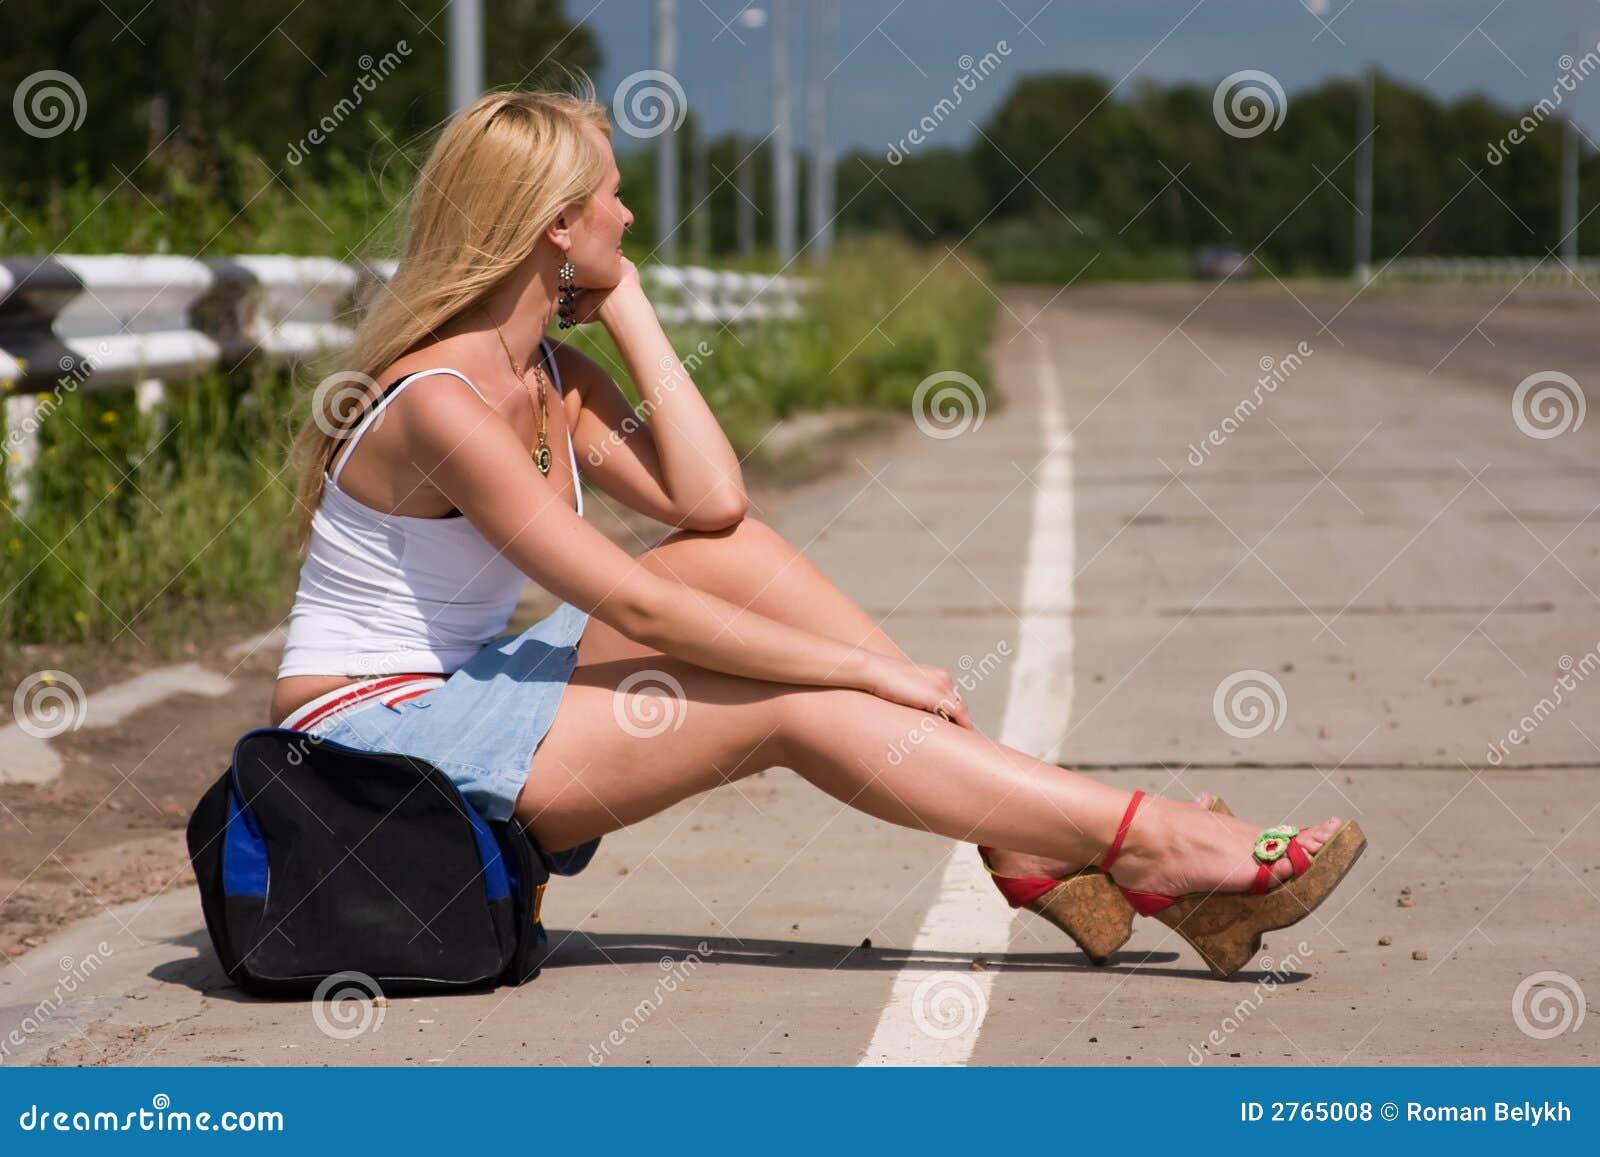 Снял девчонку на трассе 6 фотография